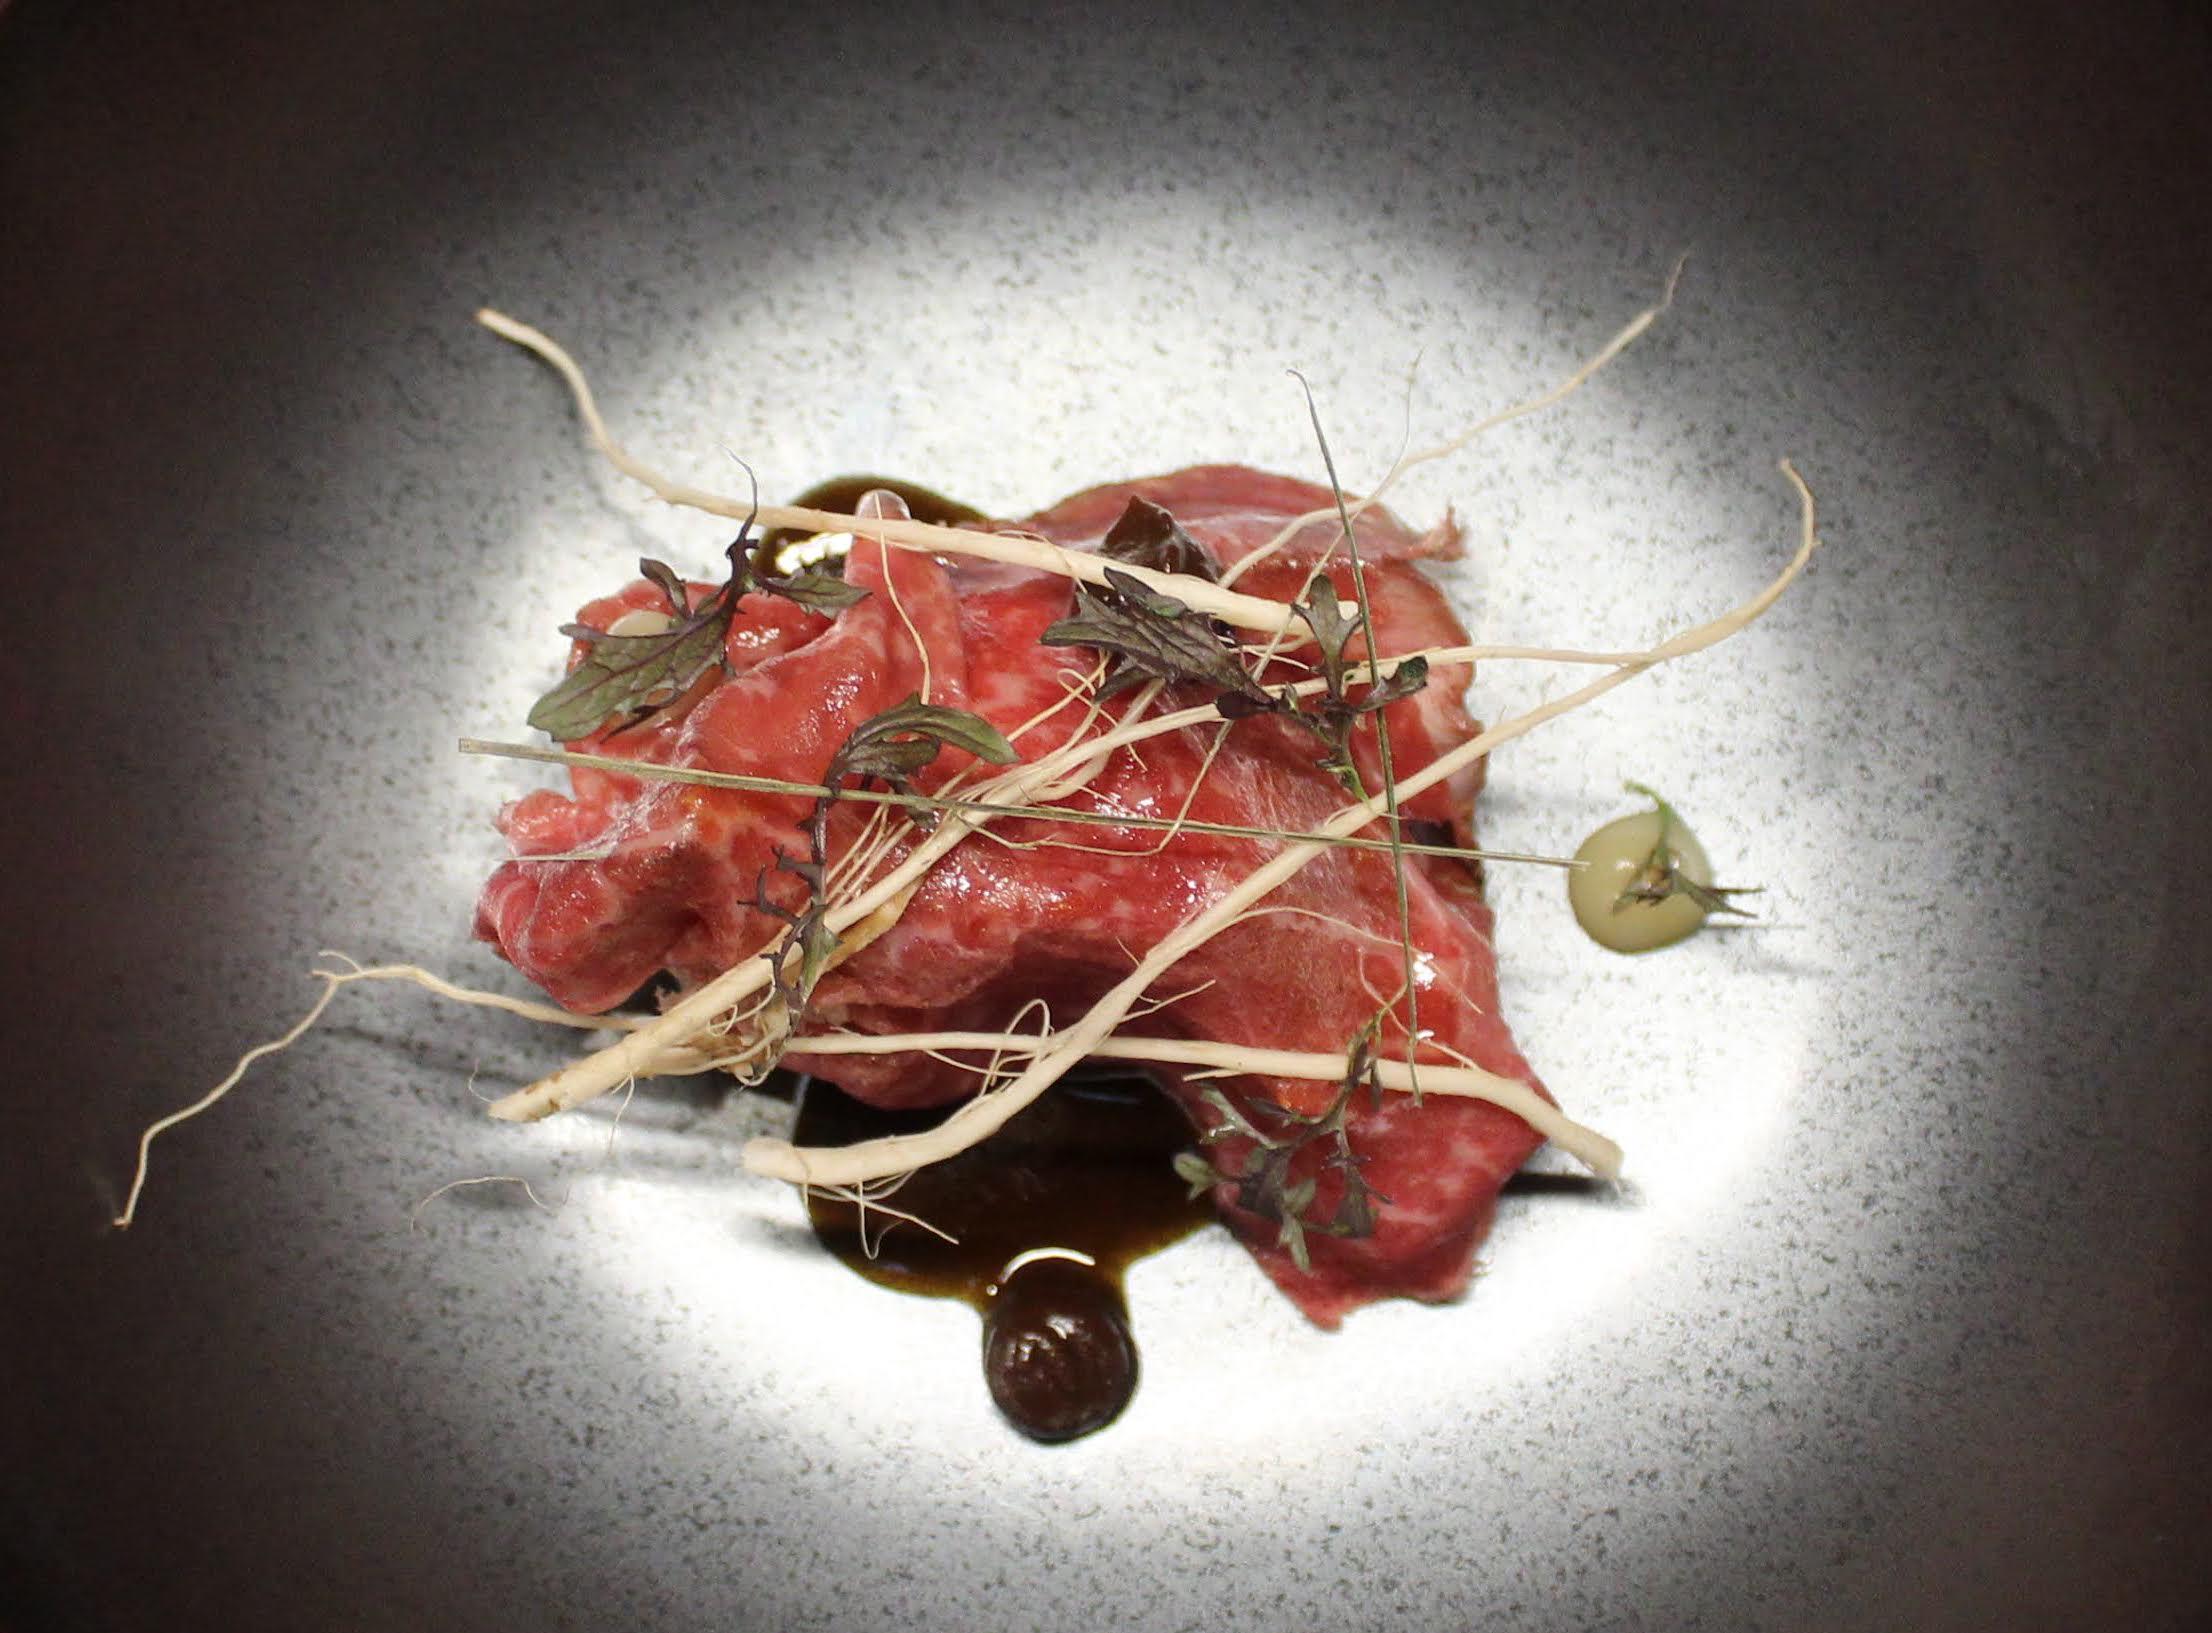 Wagyu japonais en barbecue, anguille fumée, citron verdelli confit, patate douce par Ayumi Sugiyama